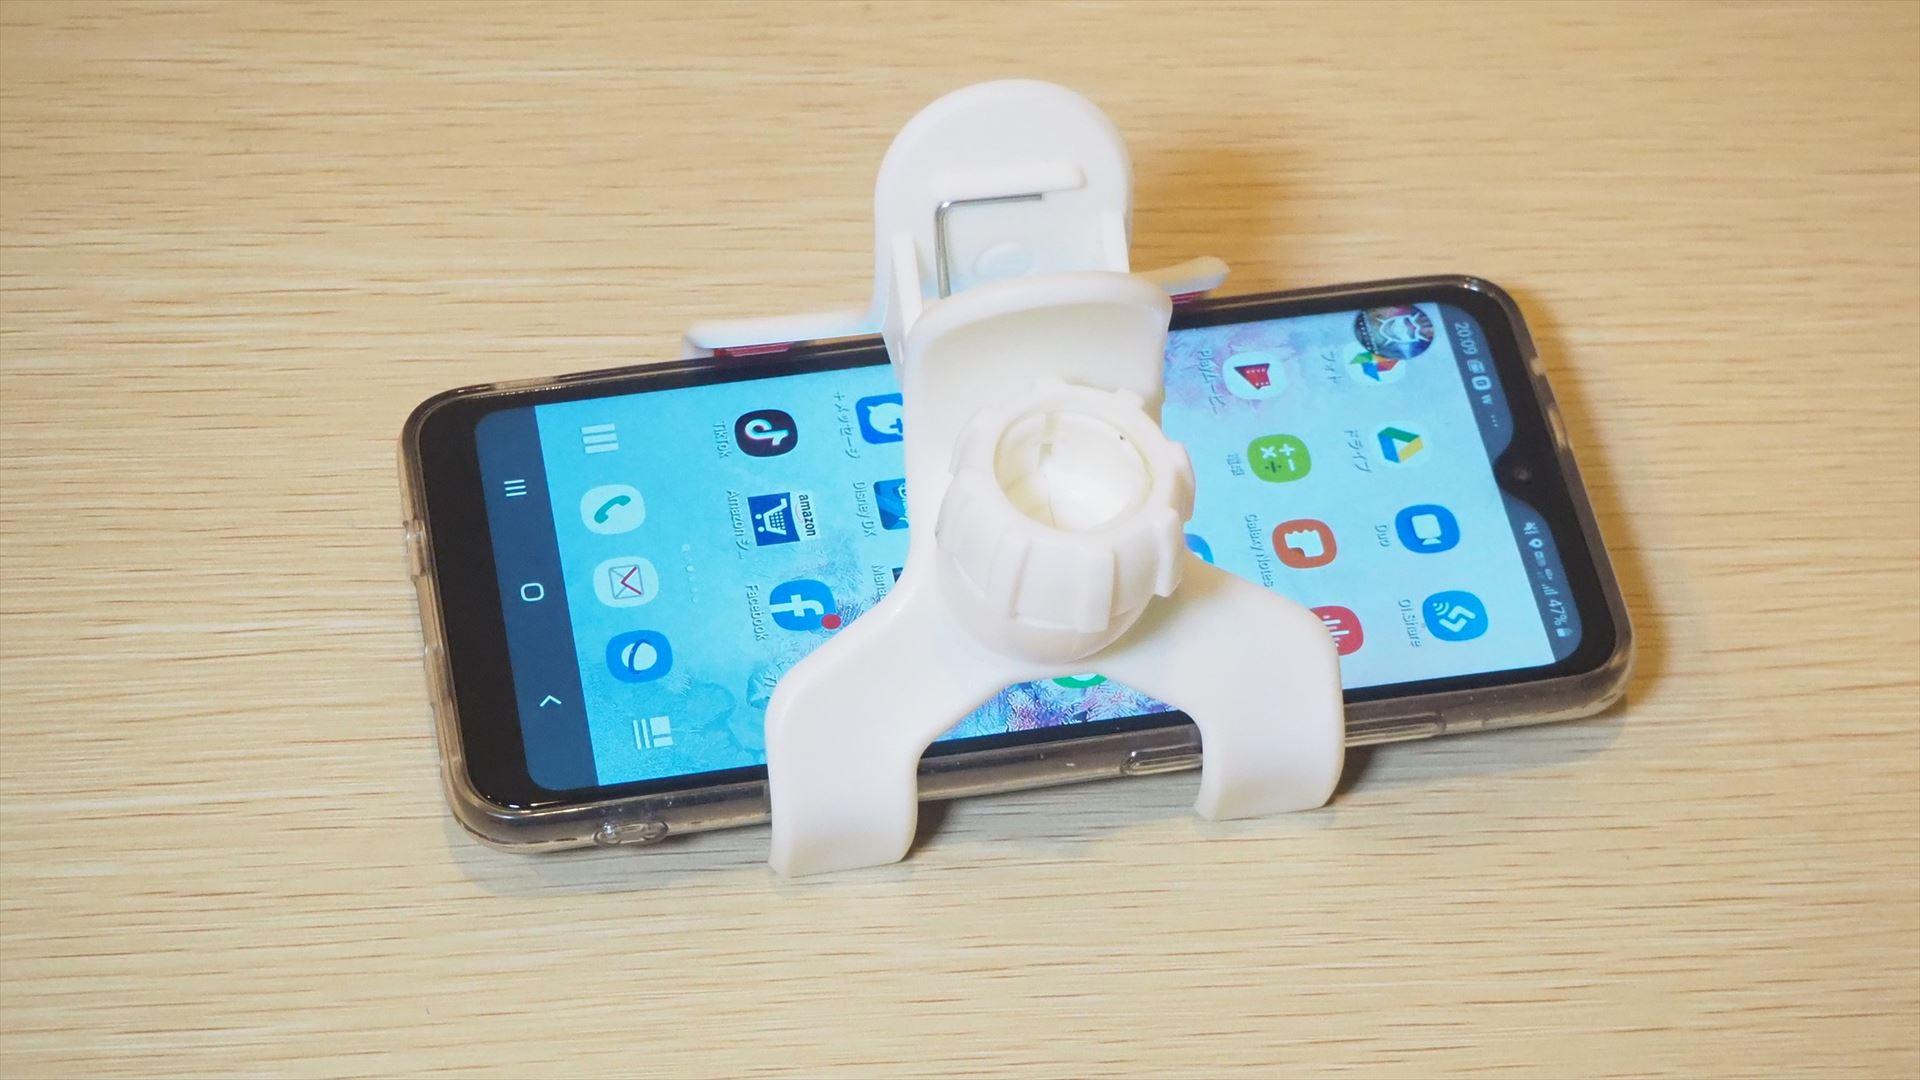 スマートフォンホルダーは、大きな洗濯ばさみみたいになっており、このようにスマートフォンを挟んで使う